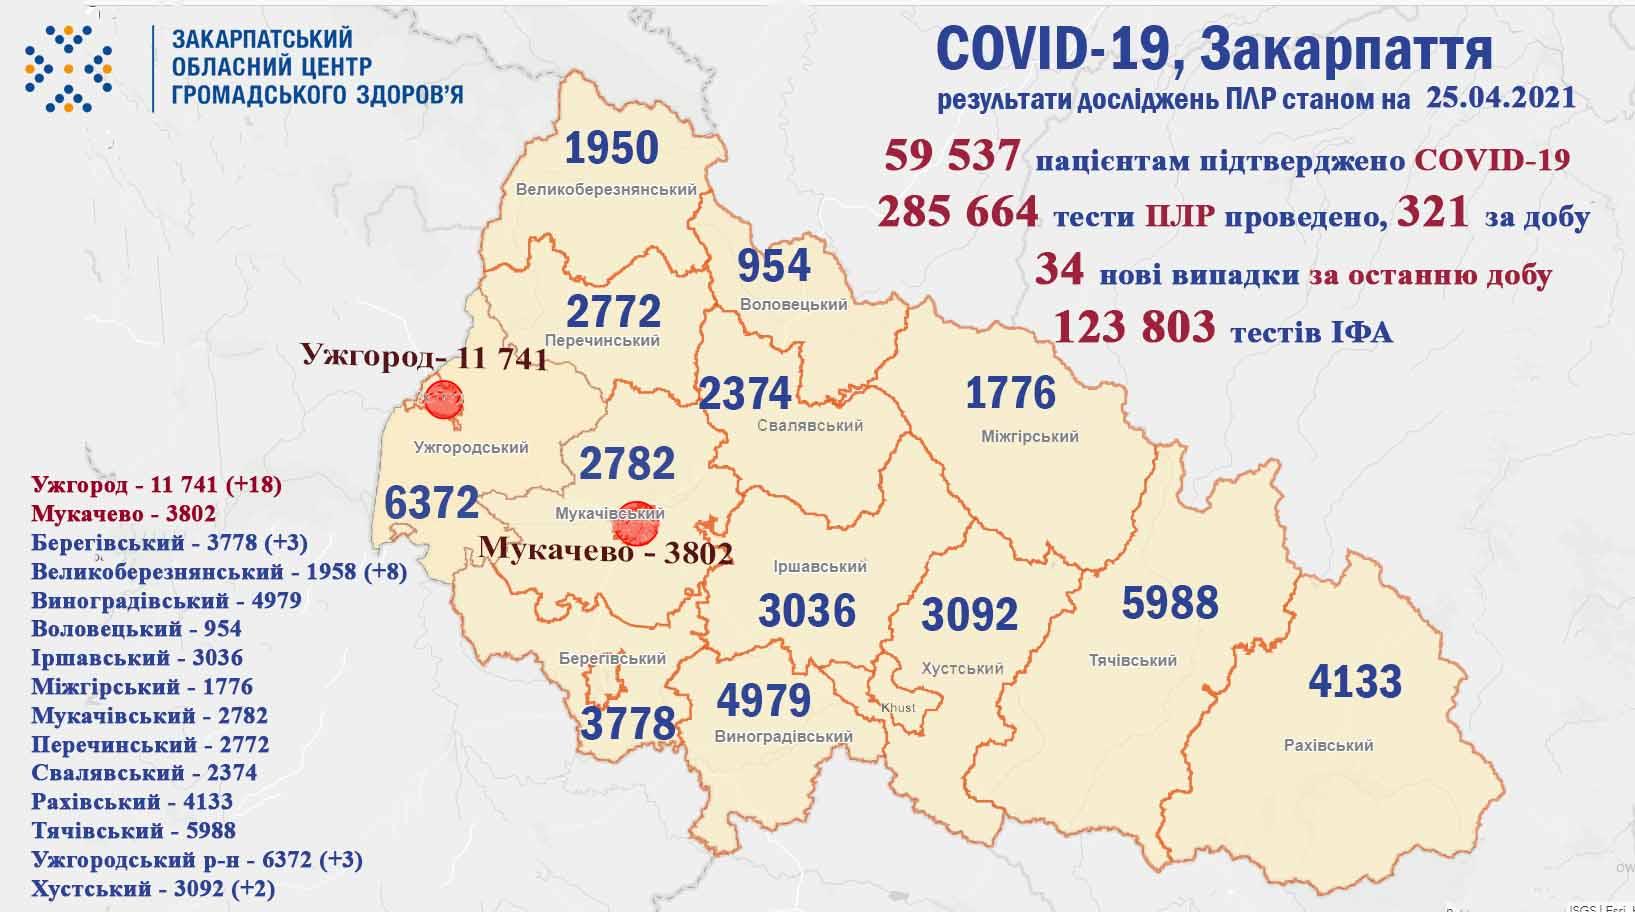 34 випадки COVID-19 виявили за добу на Закарпатті